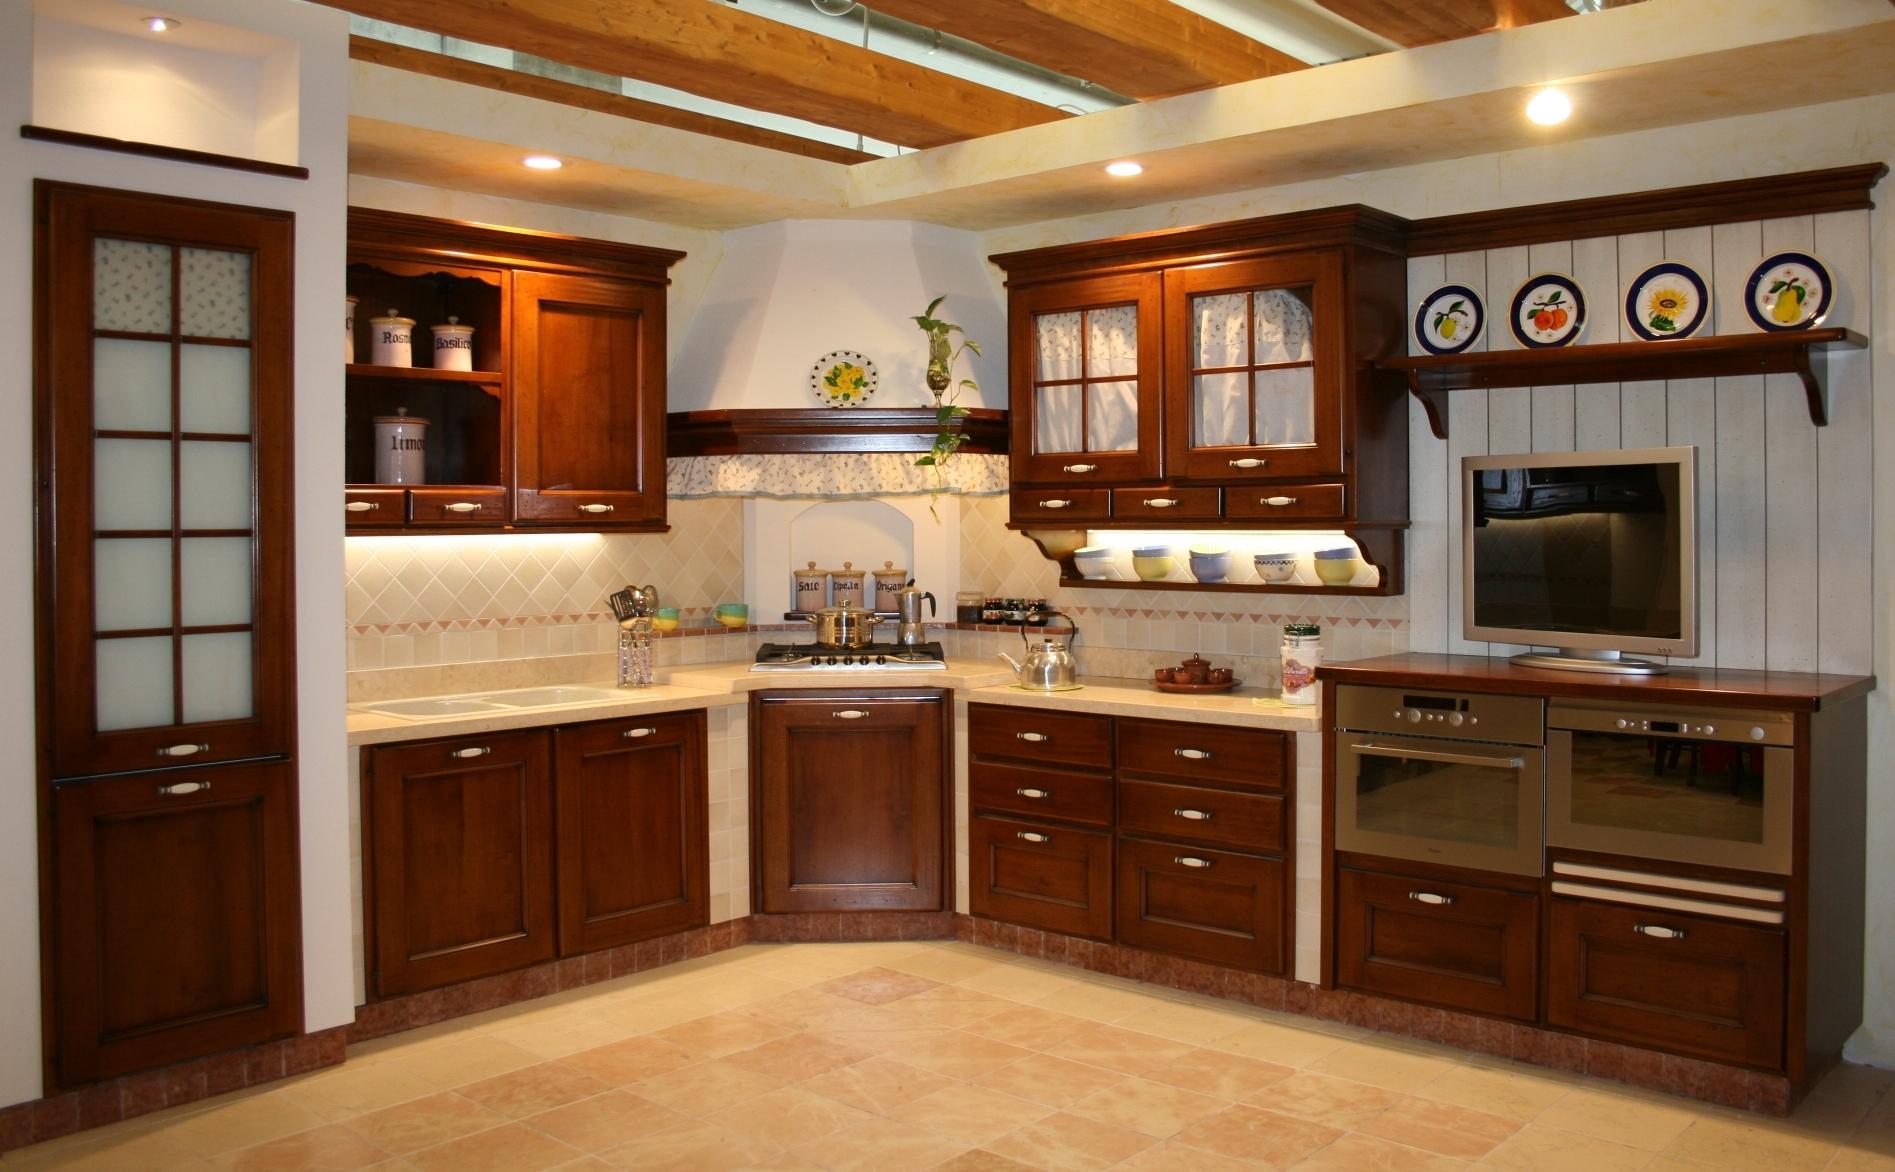 Cucine ad angolo in muratura mu93 regardsdefemmes for Cucine muratura prezzi